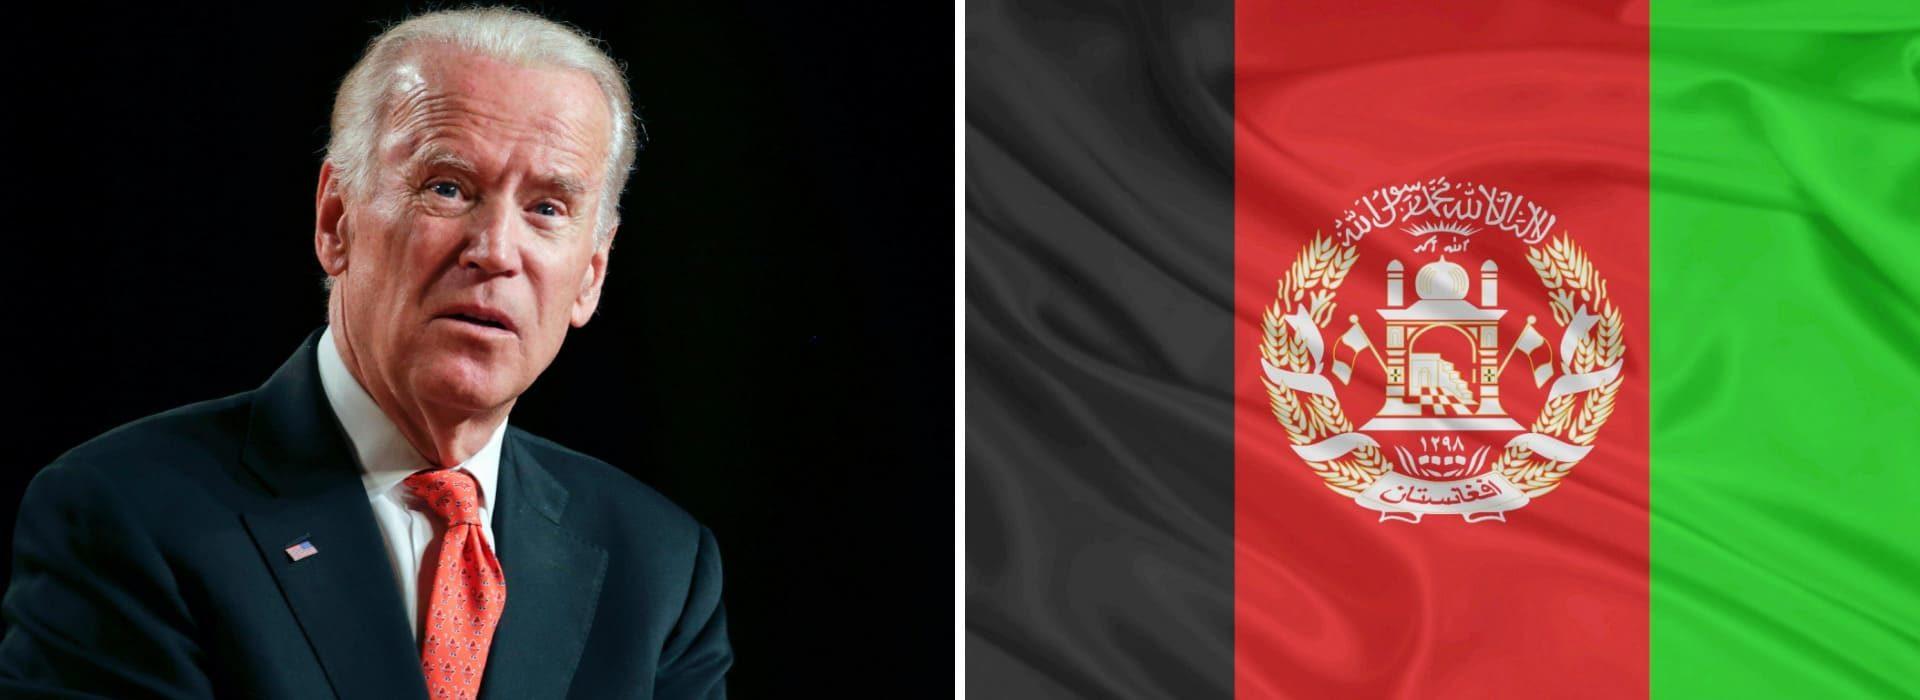 Байден и Афганистан